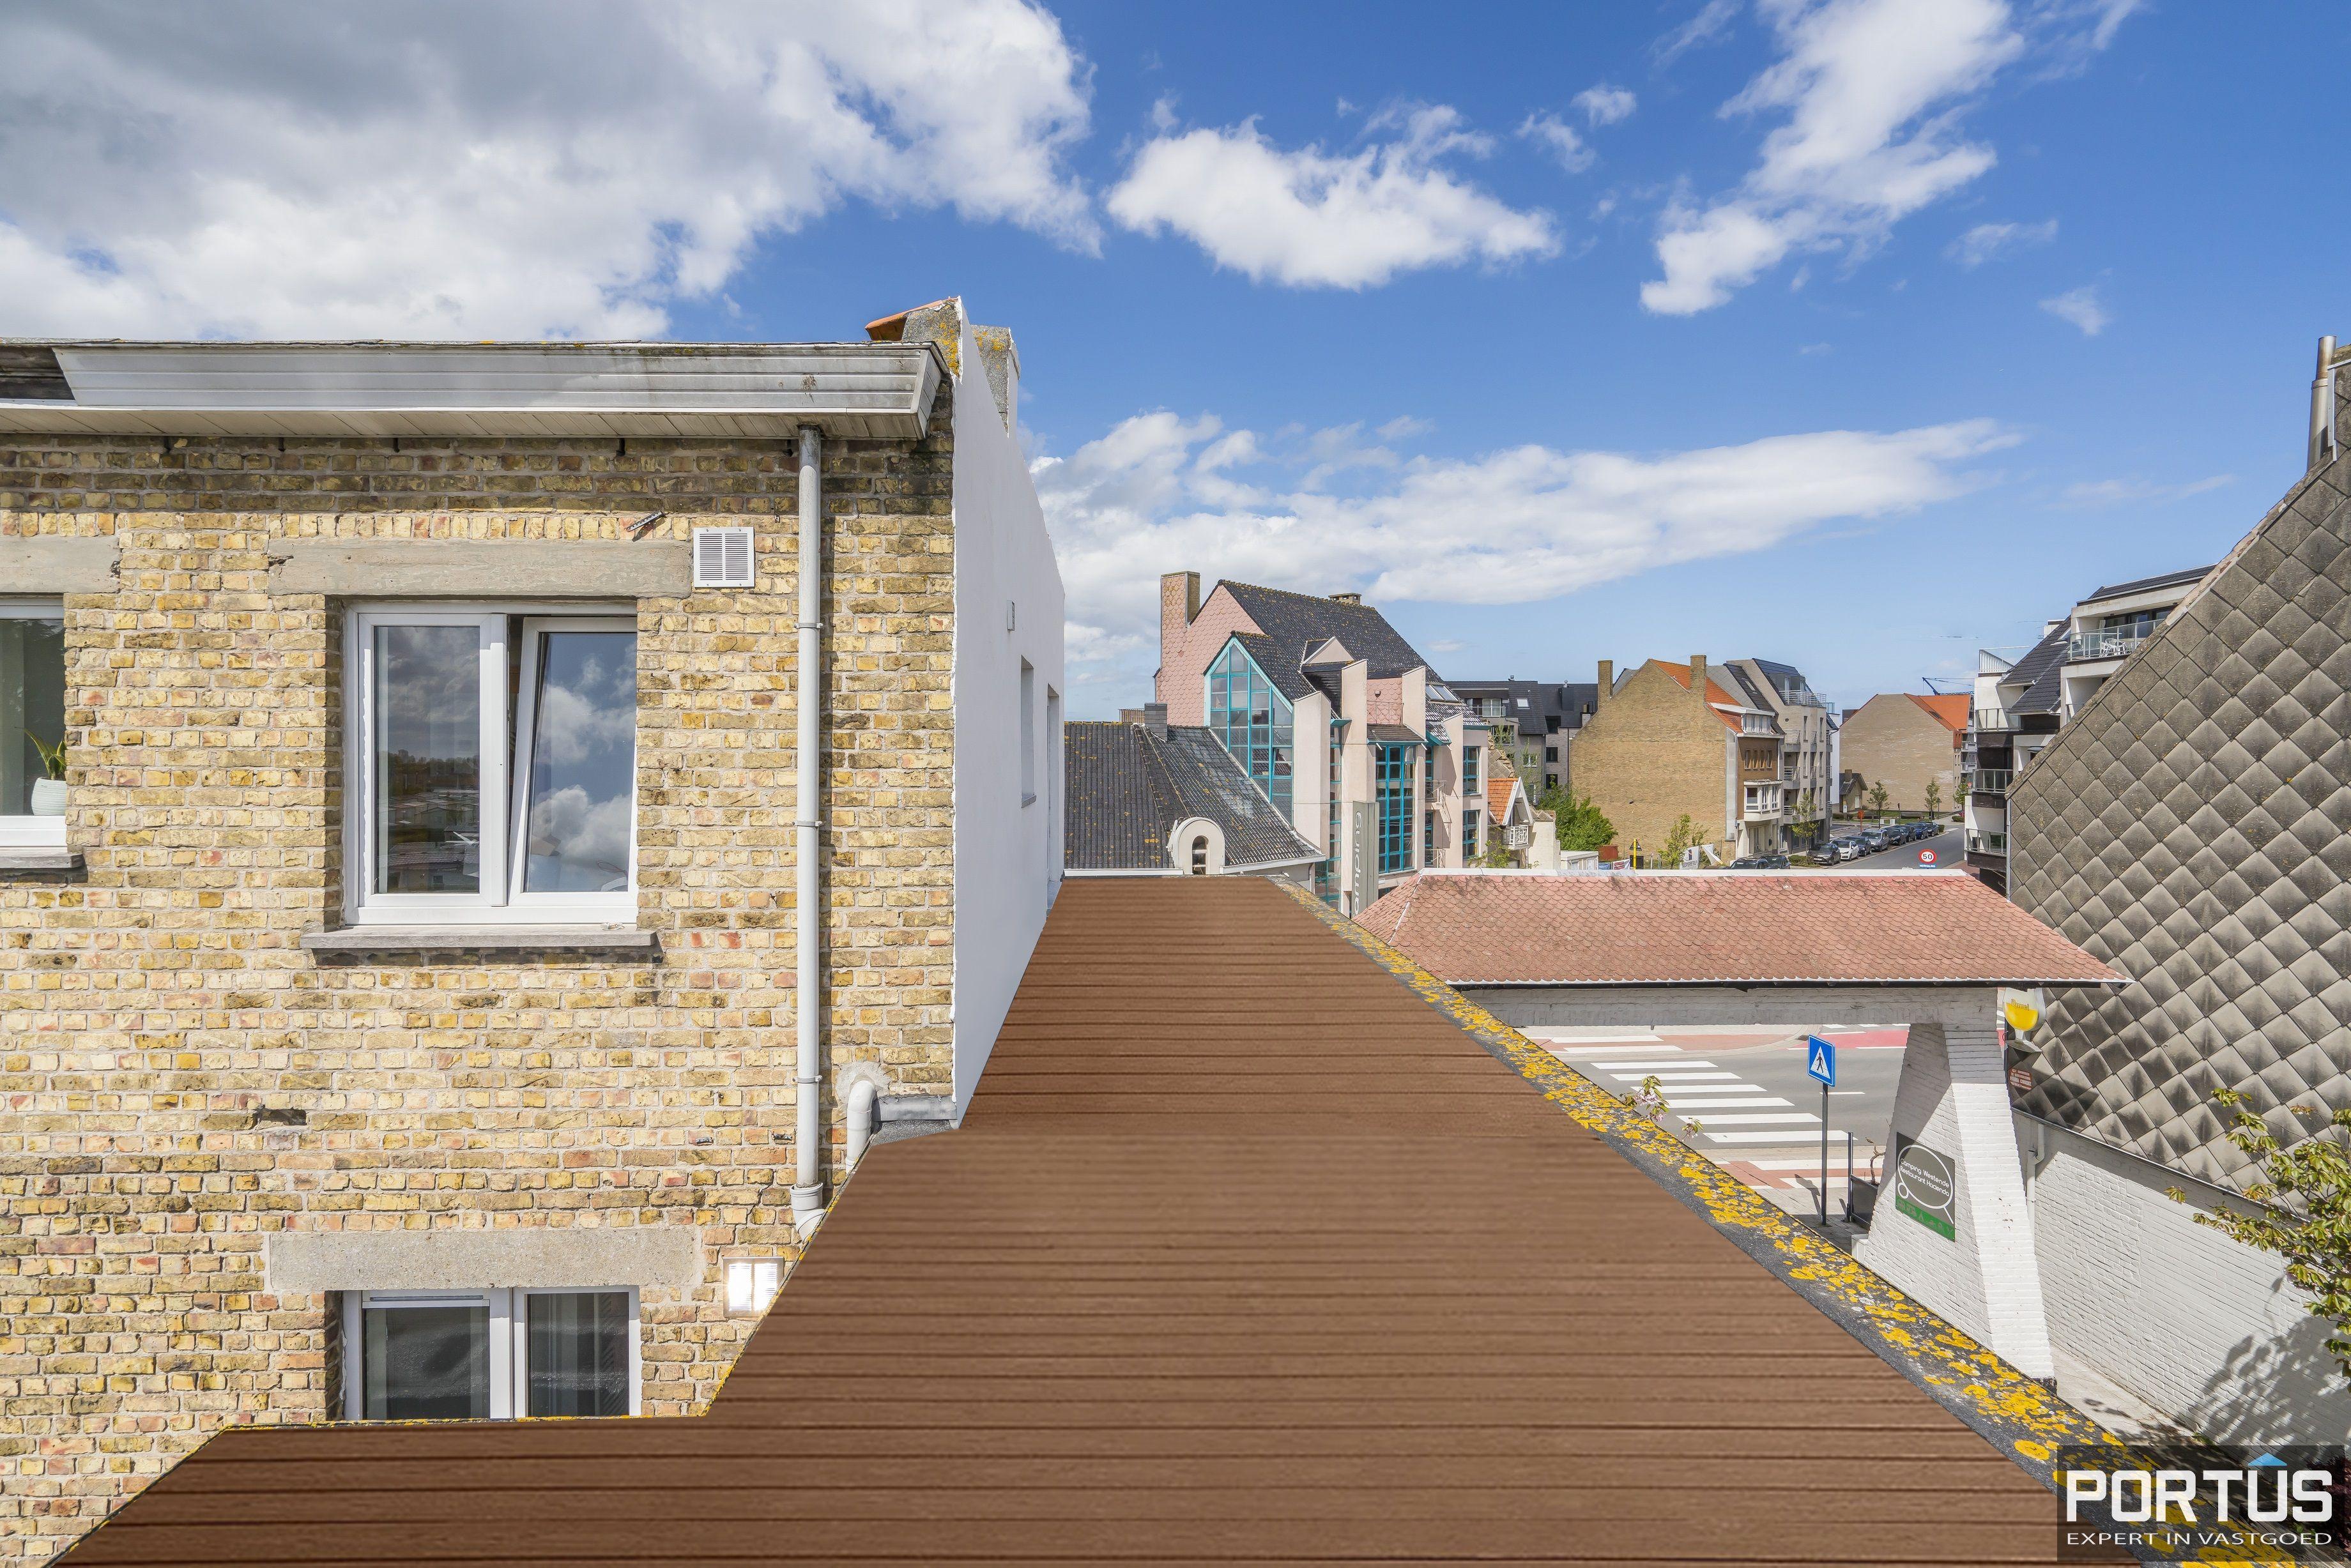 Appartement met 3 slaapkamers te koop te Westende - 13522